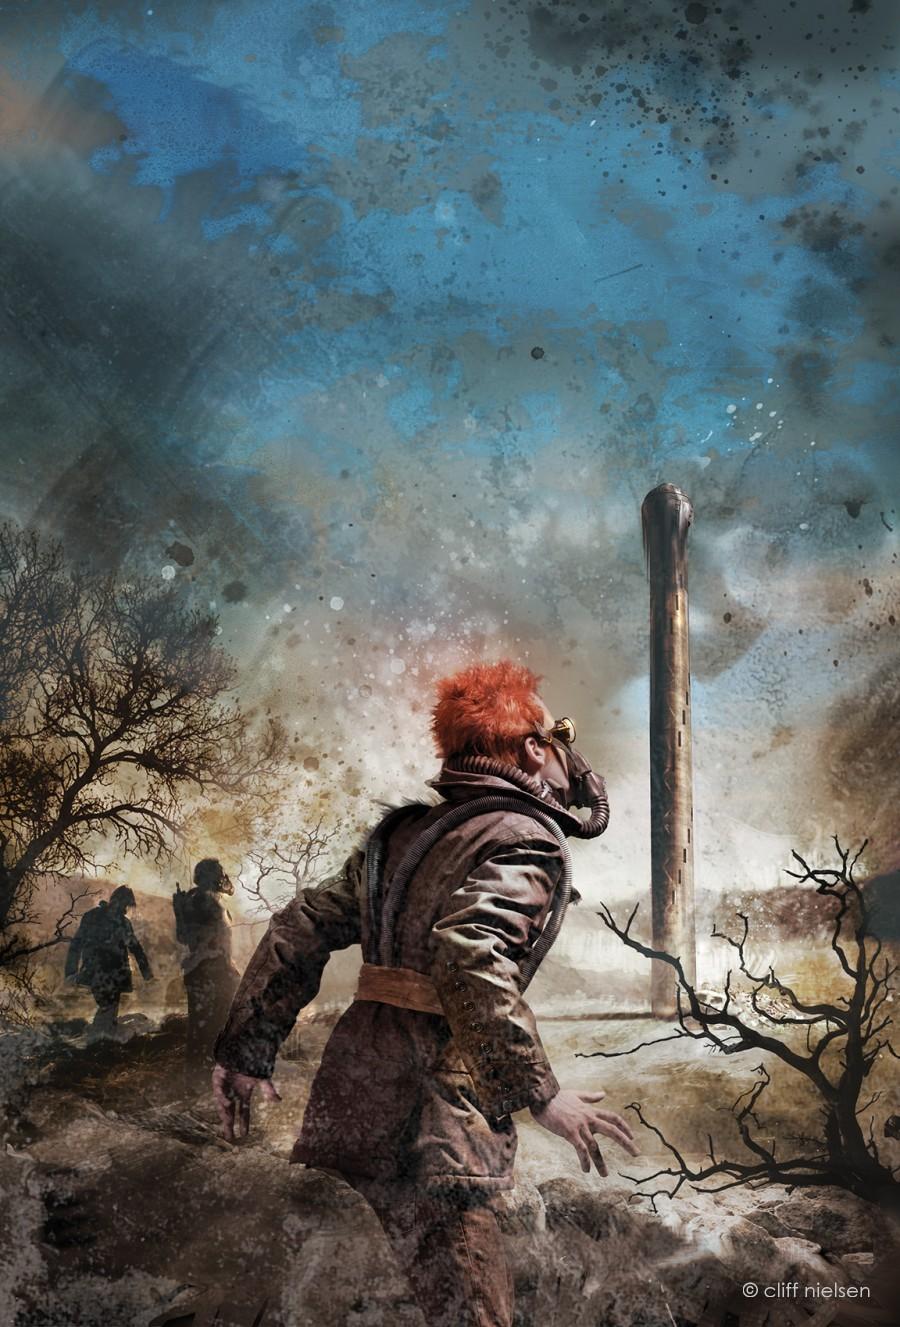 Cliff Nielsen Sci Fi And Fantasy Illustrator Graphic Novel Artist Designer